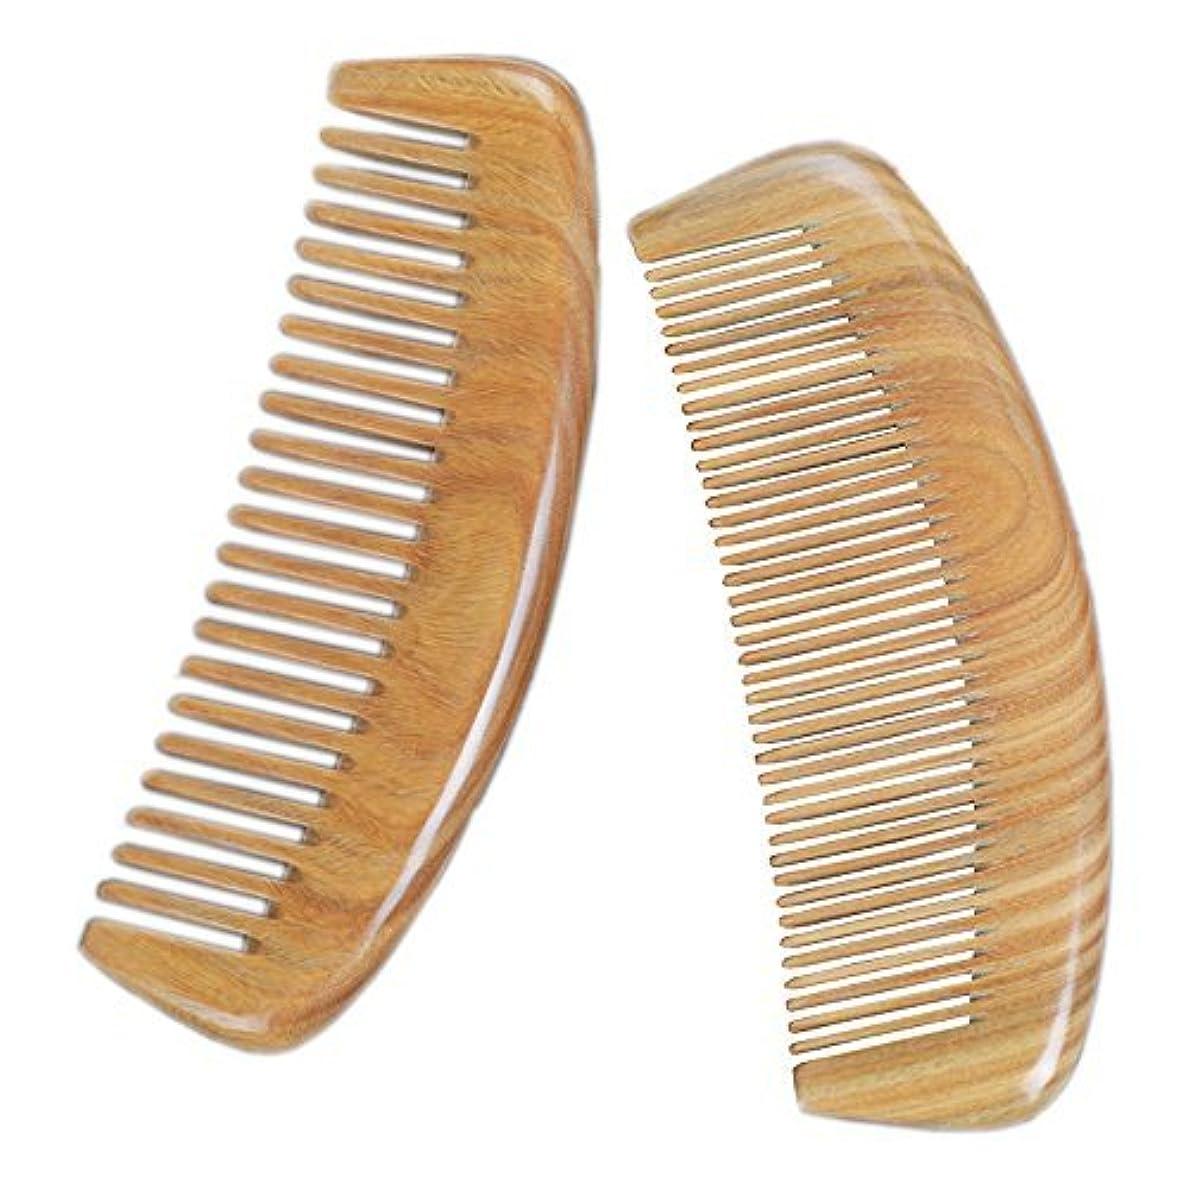 条件付き半島フットボールLiveZone Handmade Natural Green Sandalwood 2-Count(Minute Tooth and Wide Tooth Wood Comb) Hair Comb with Natural...